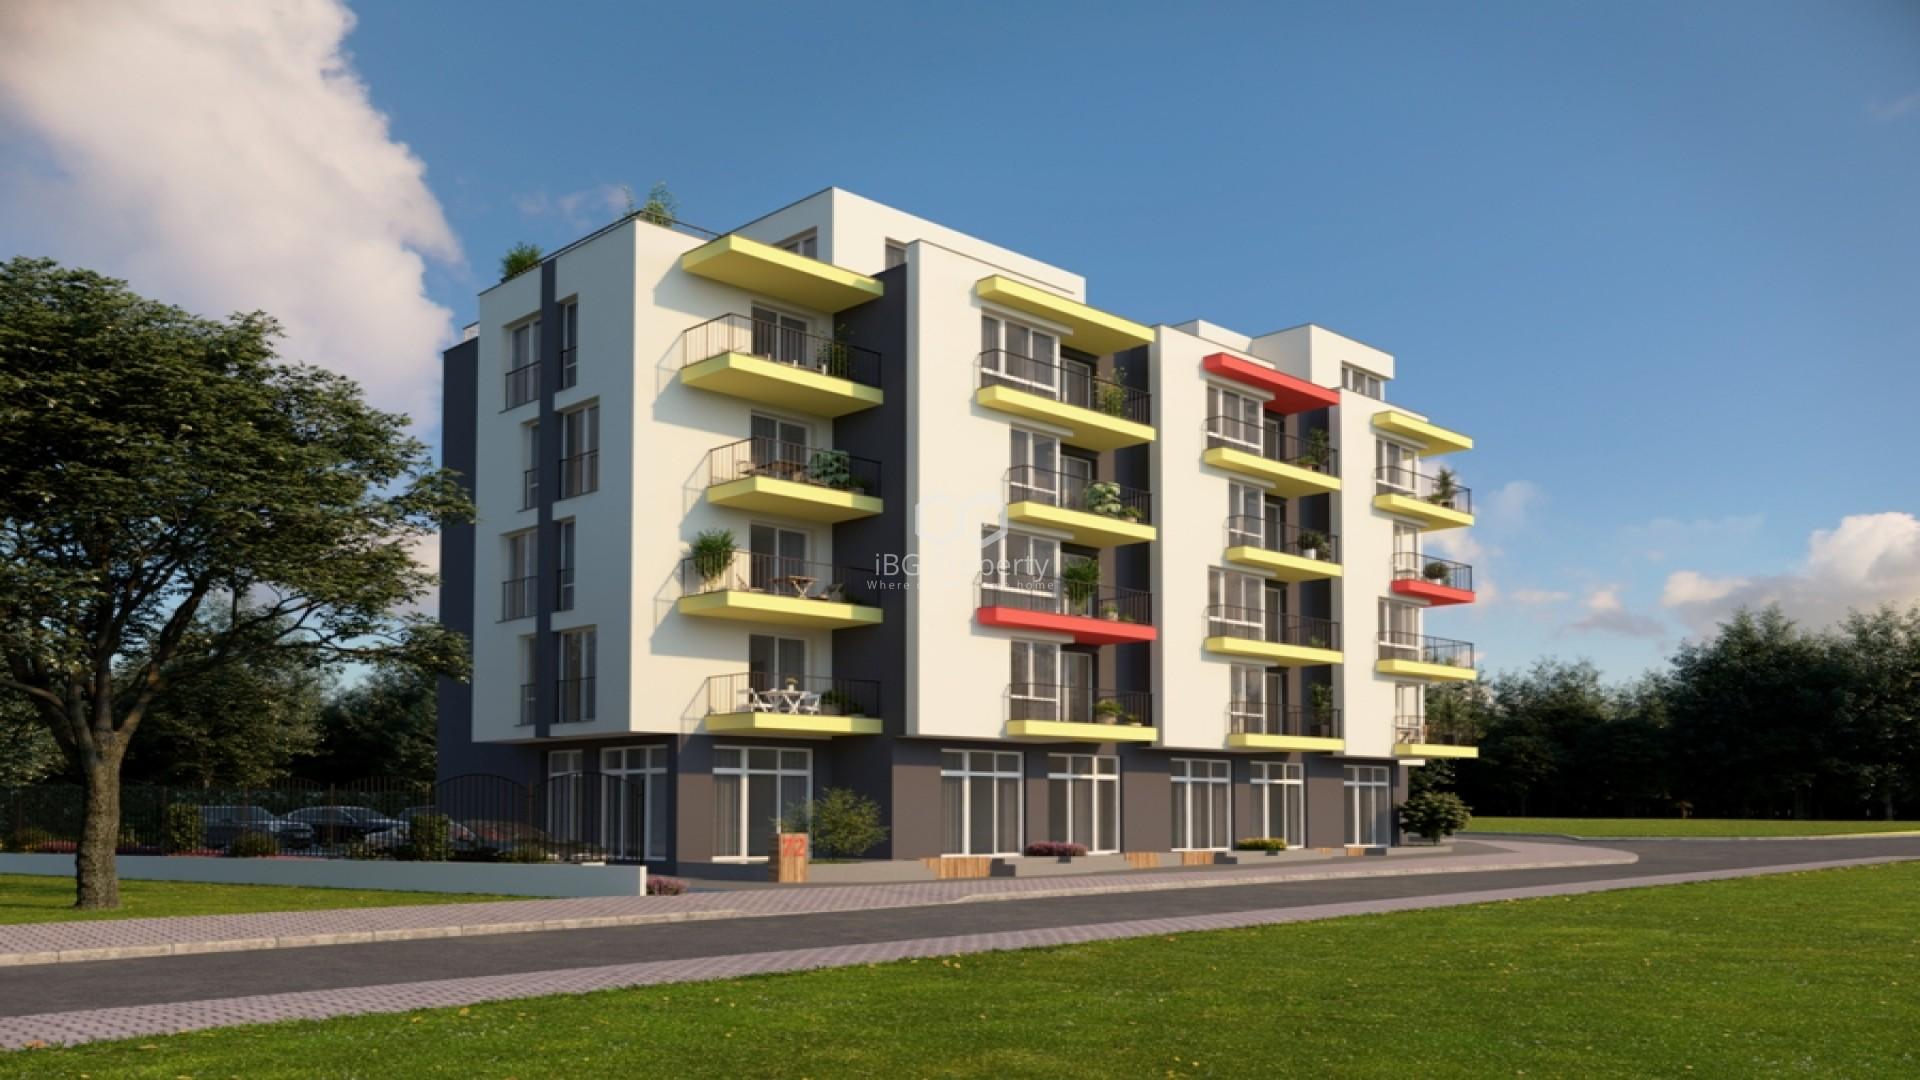 Едностаен апартамент Обзор 39,03 кв.м